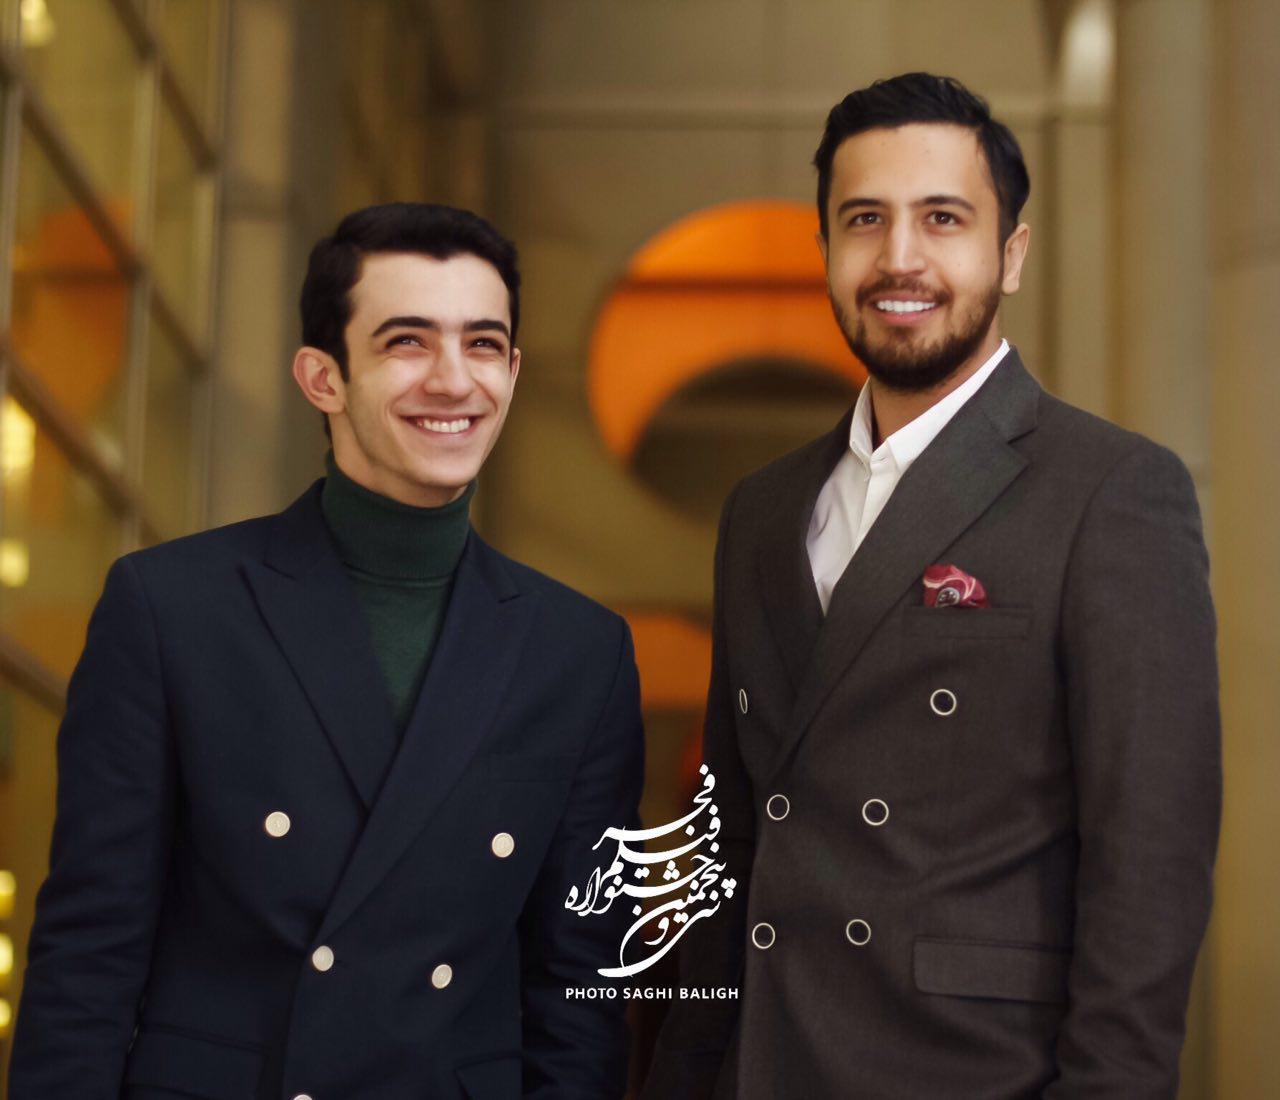 عکس مهرداد صدیقیان و علی شادمان